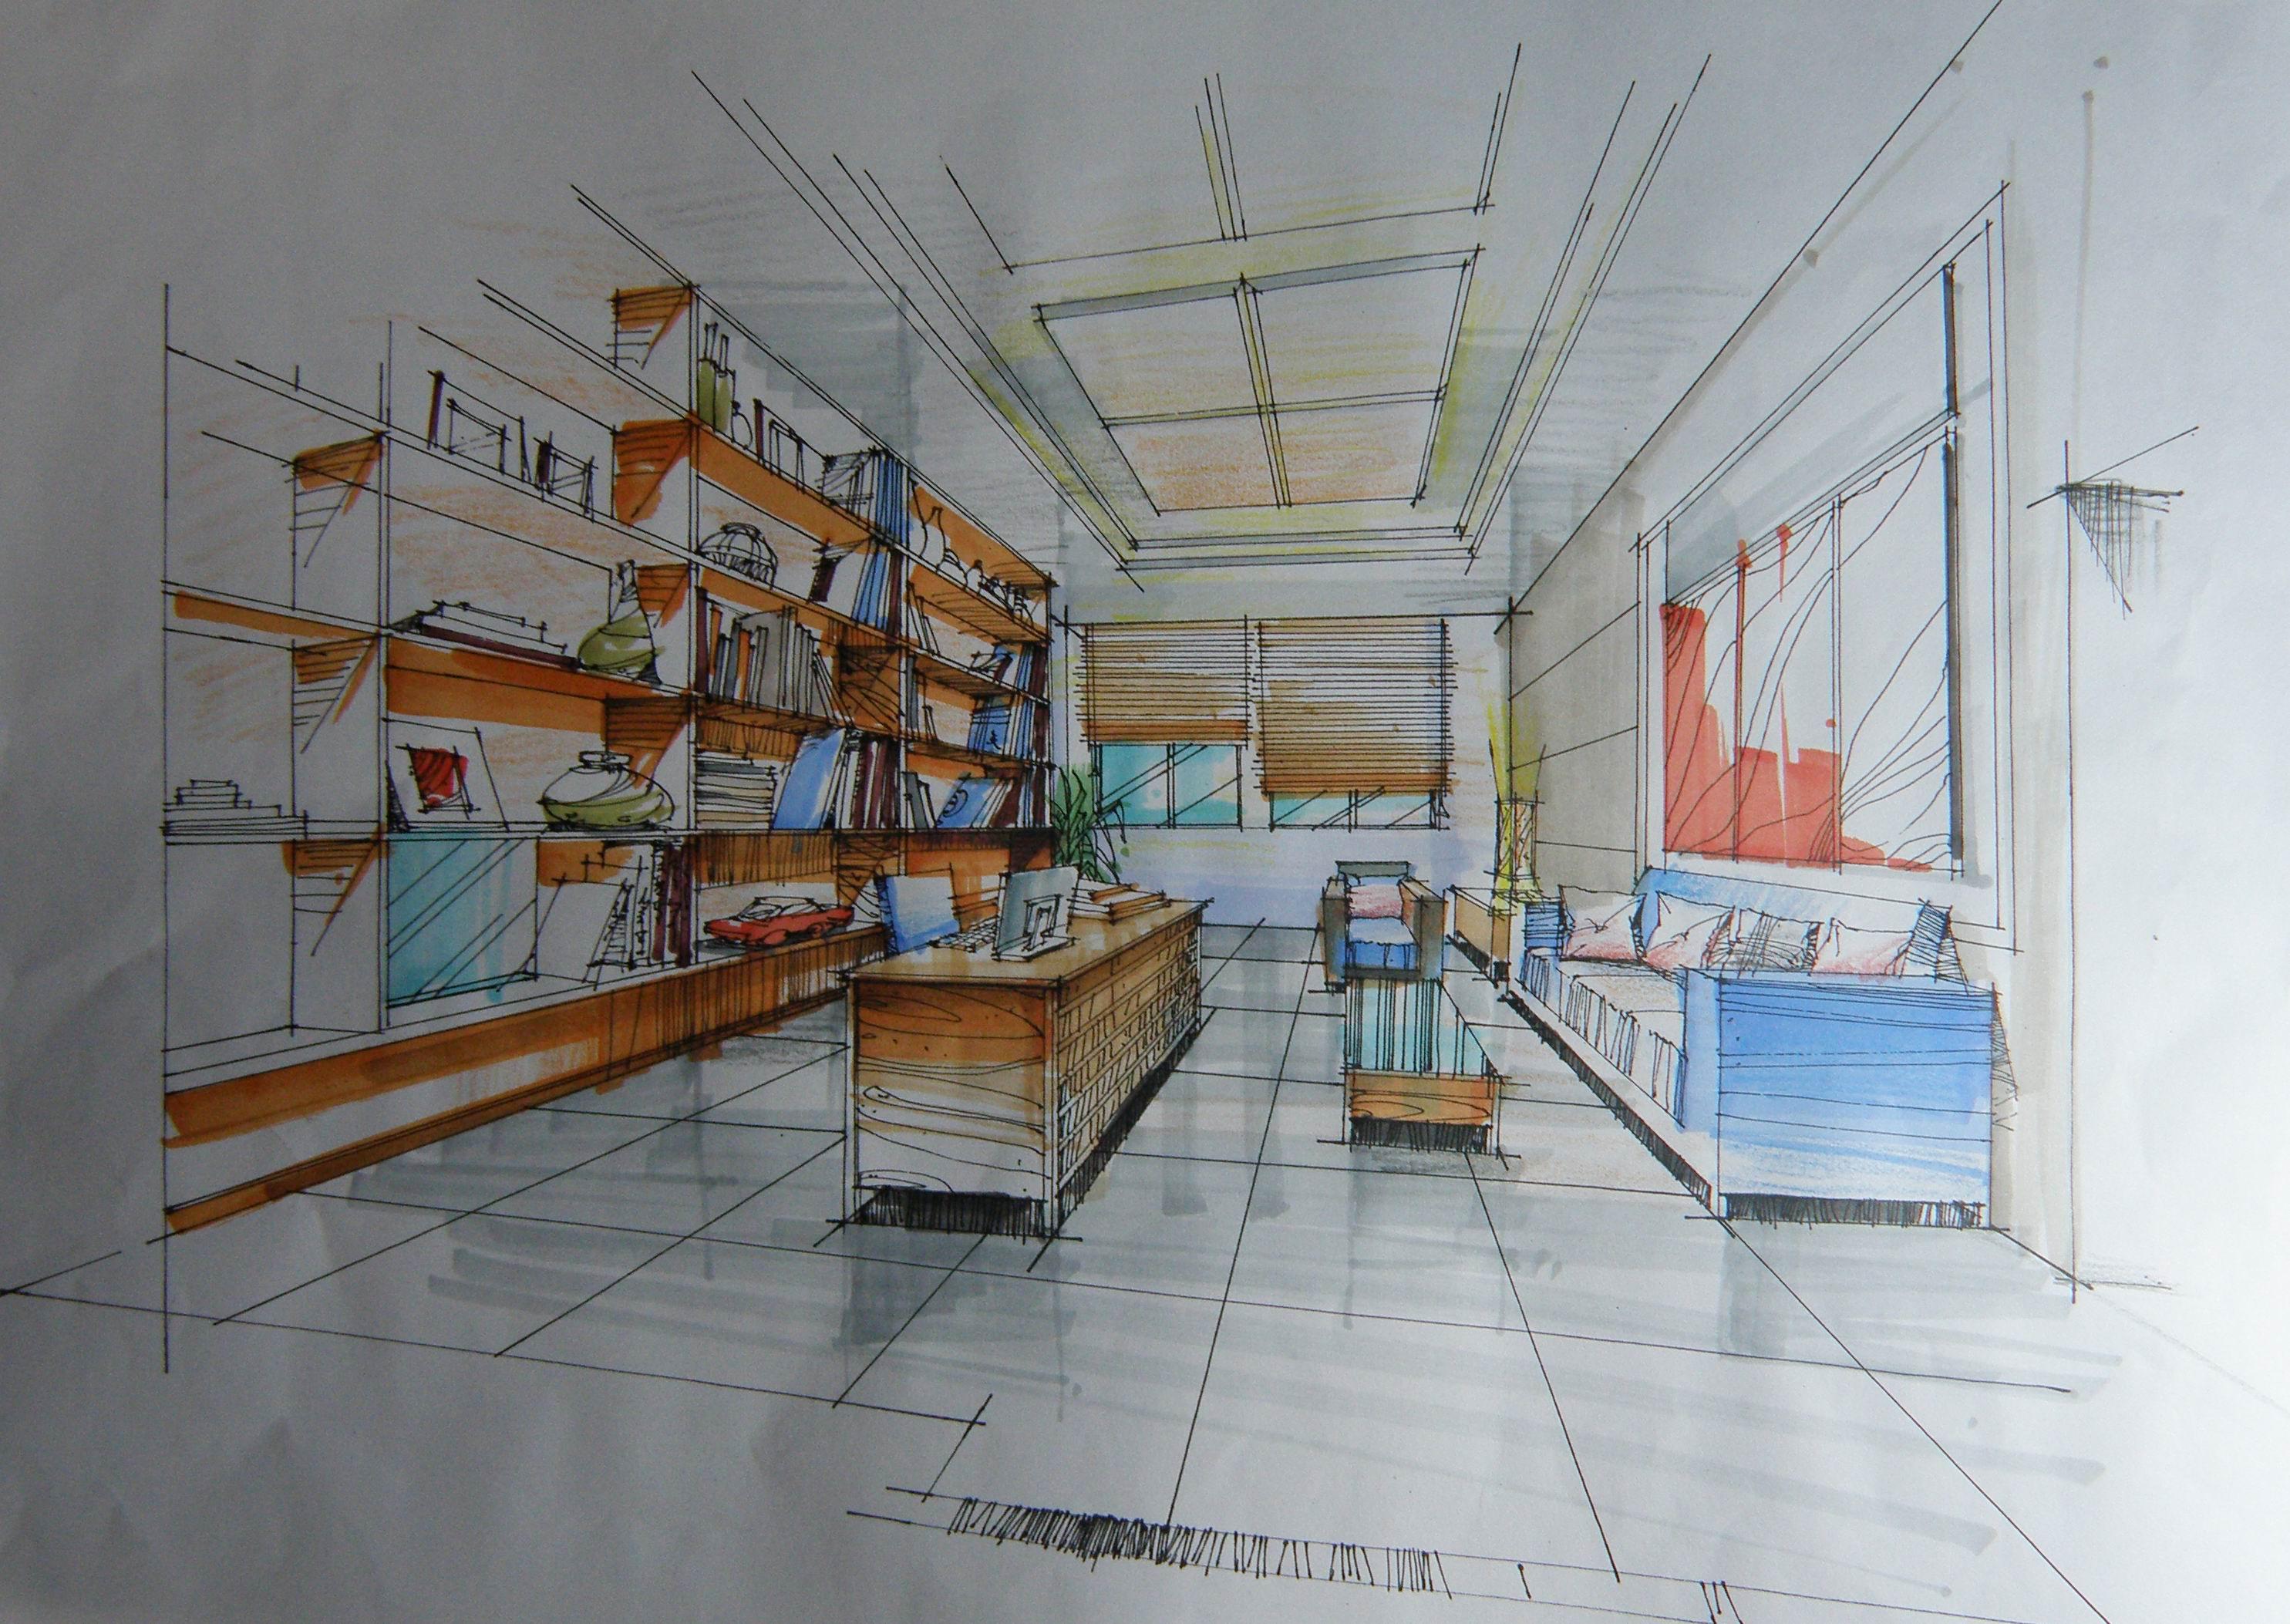 吴先生书房 空间 室内设计 金品装饰设计 - 原创作品